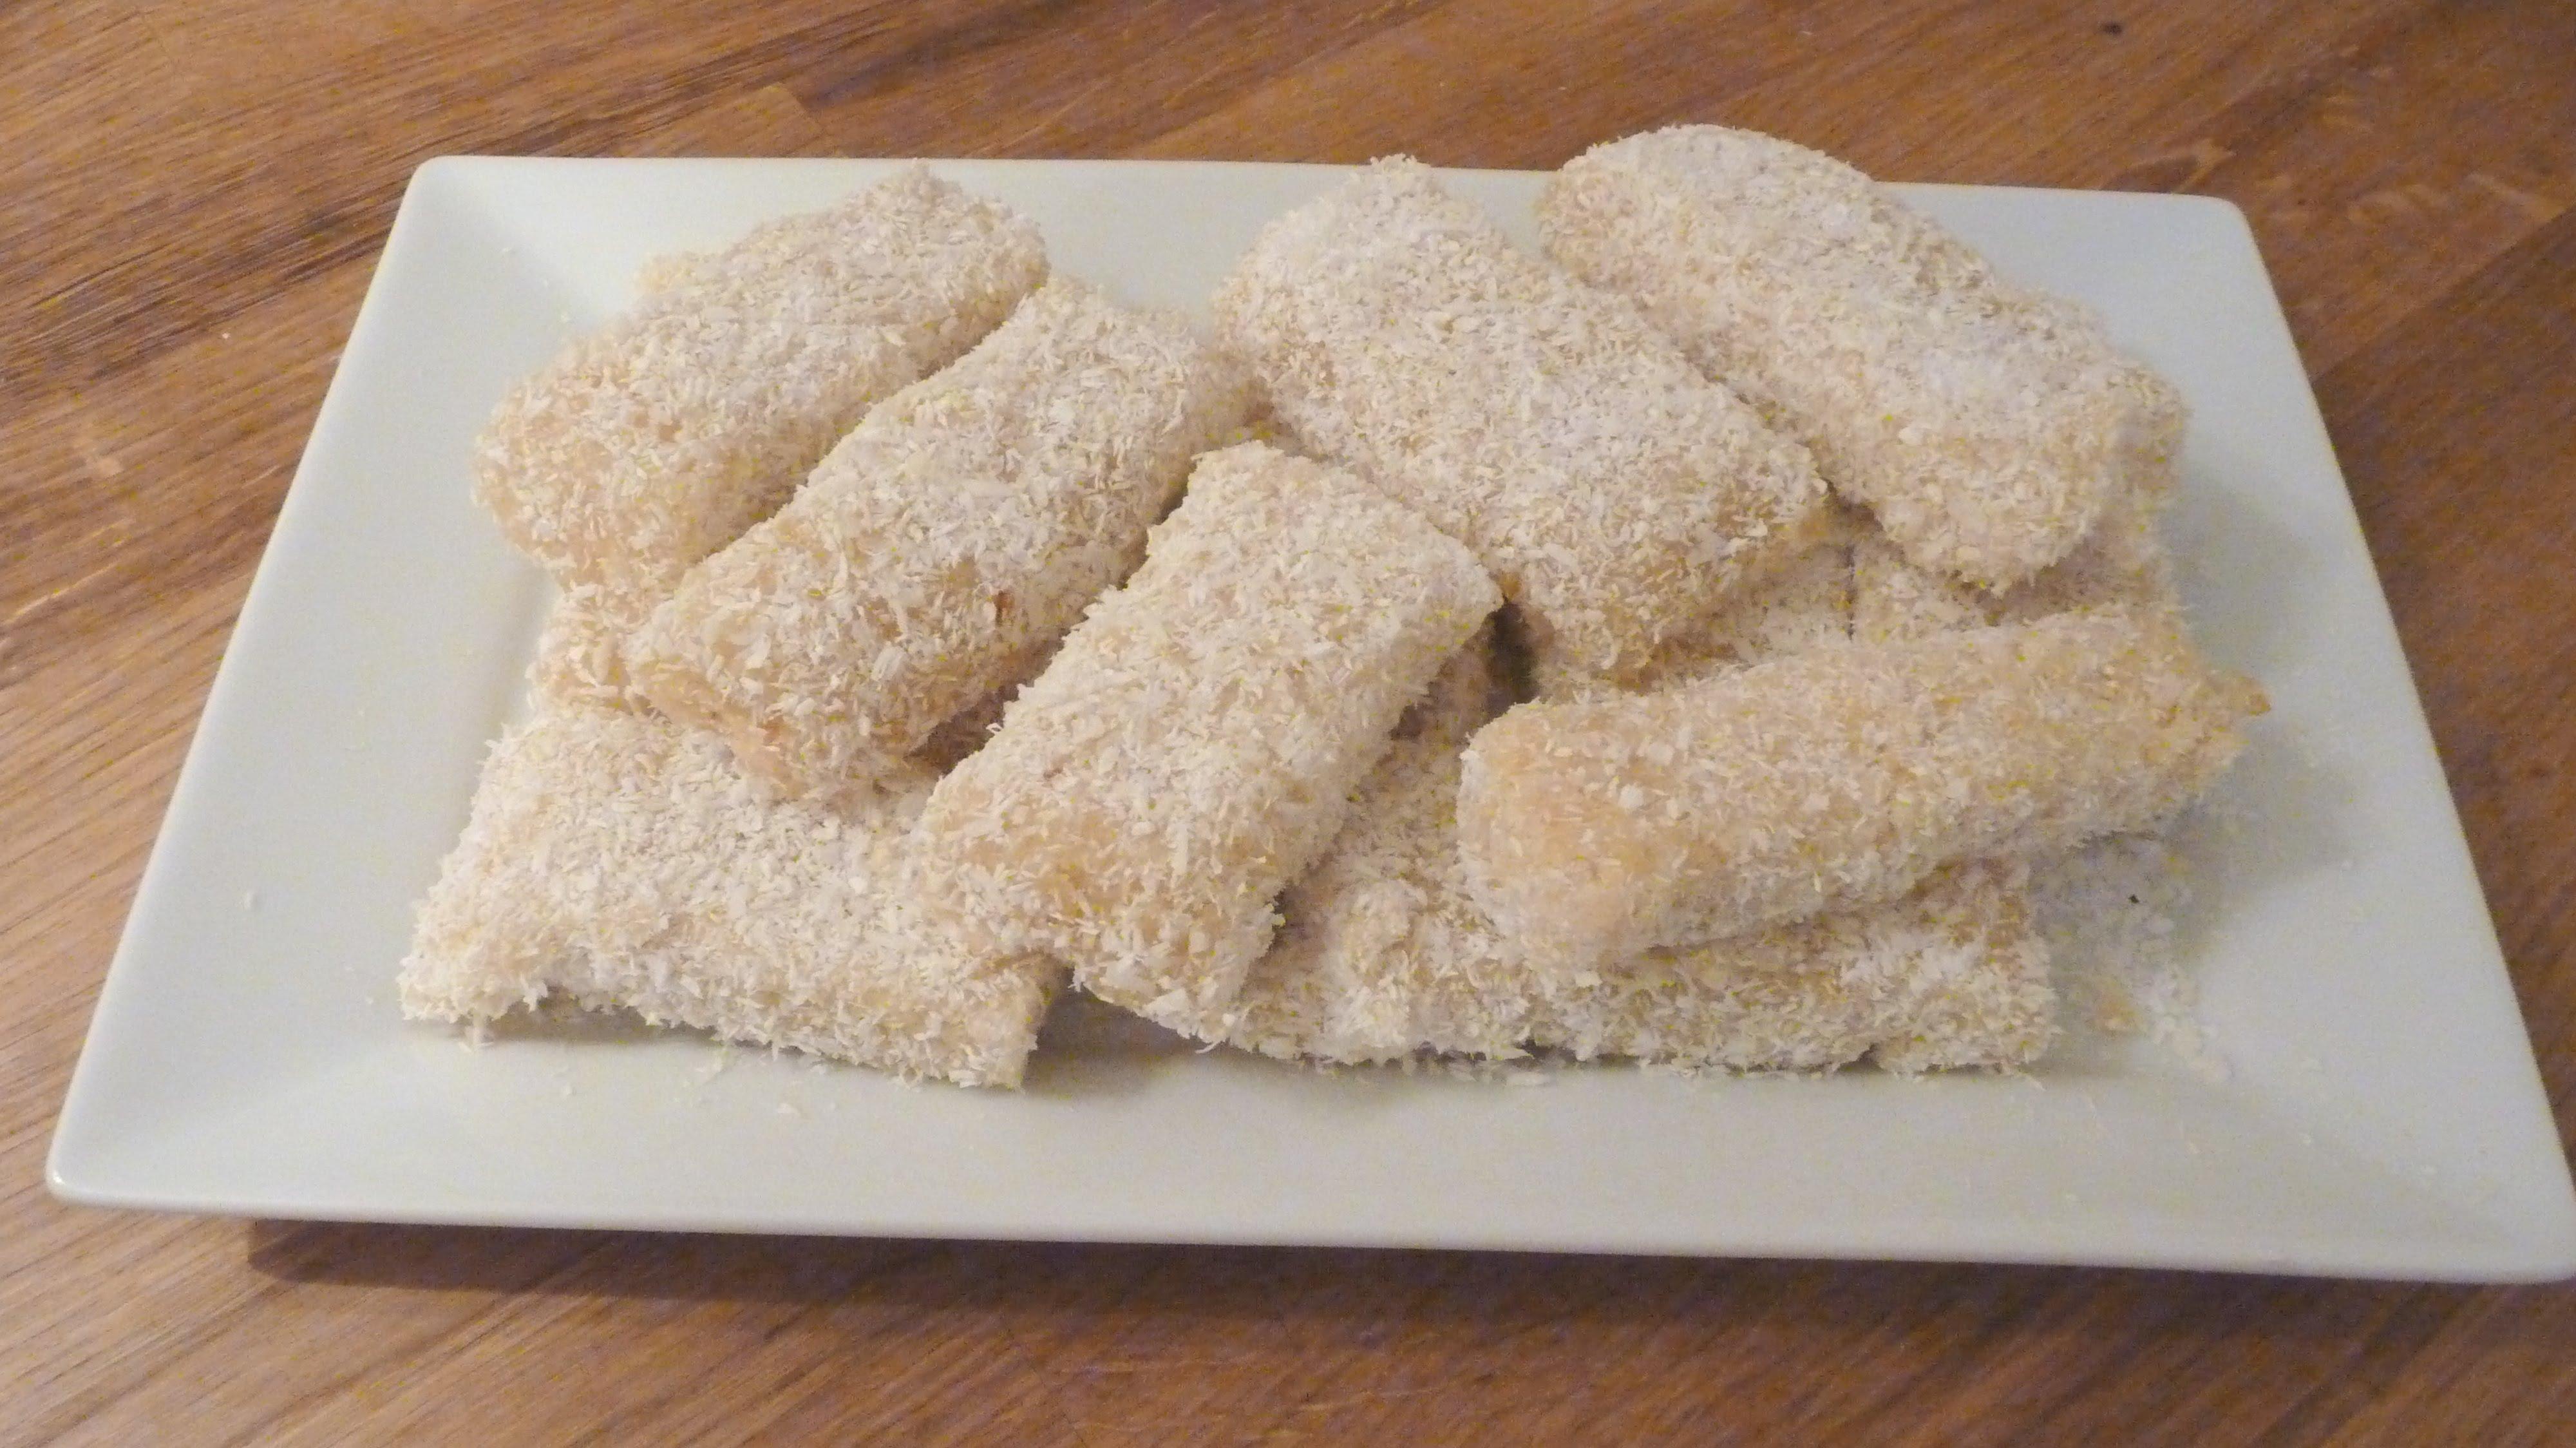 poudine manioc